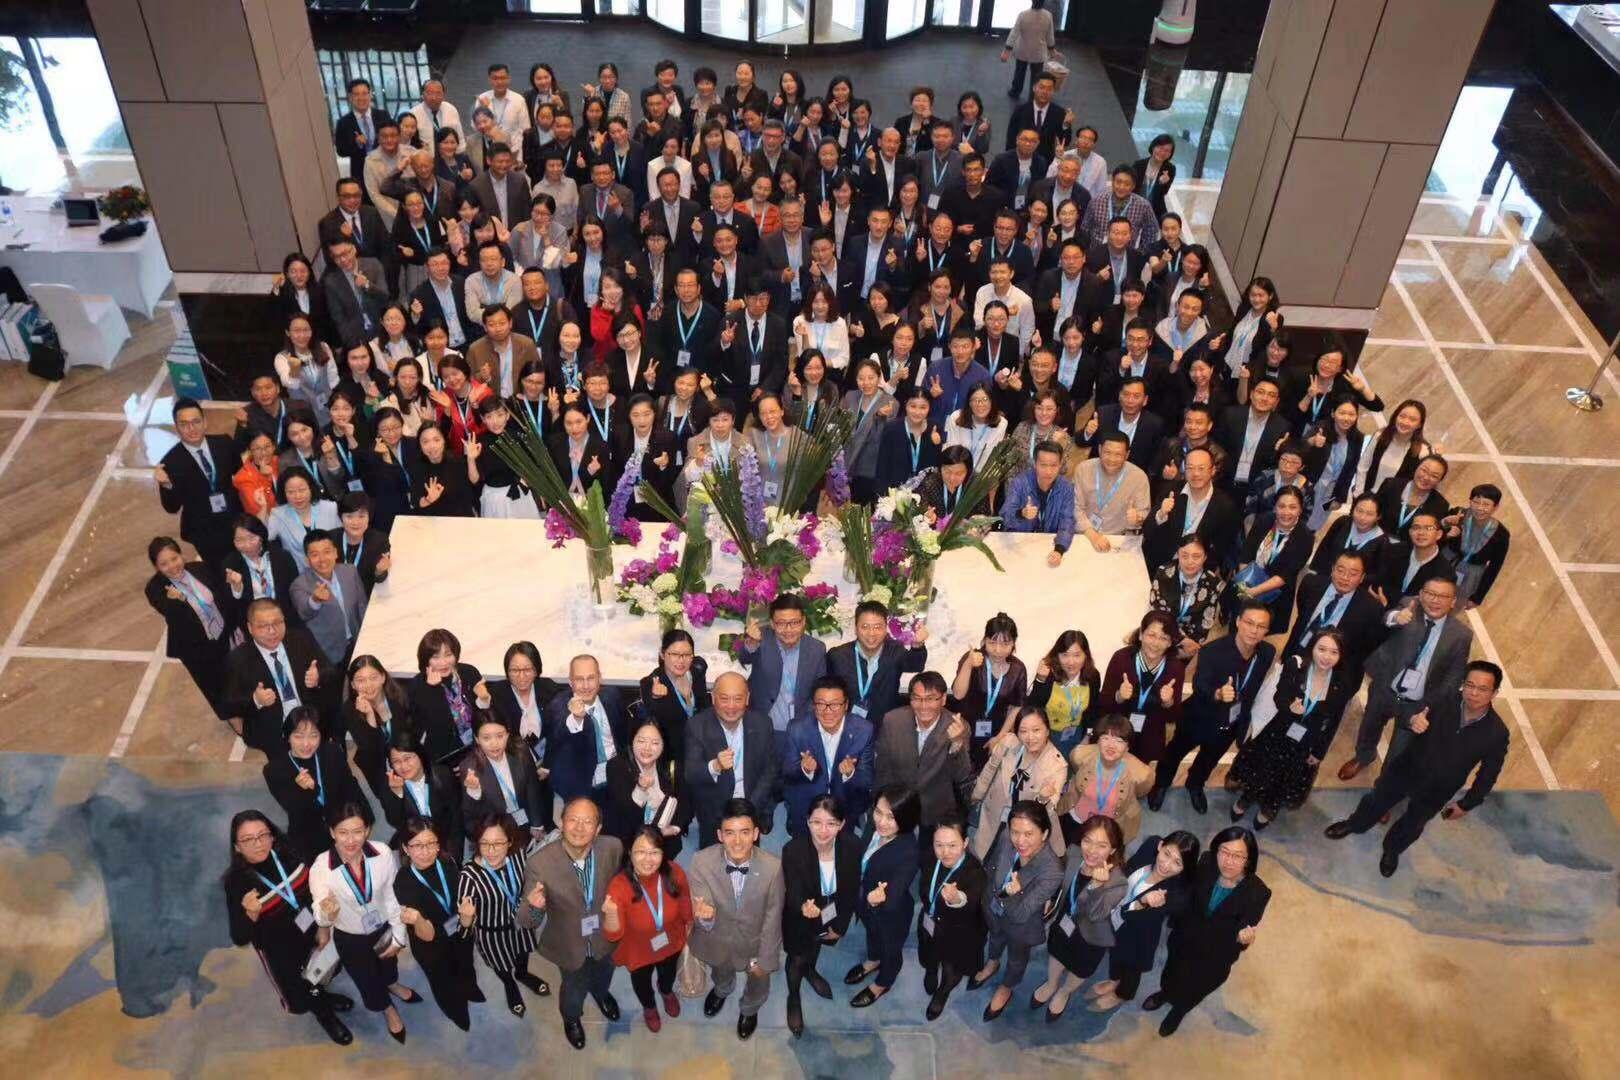 喜讯:LRJJ荣获希尔顿酒店集团两项大奖